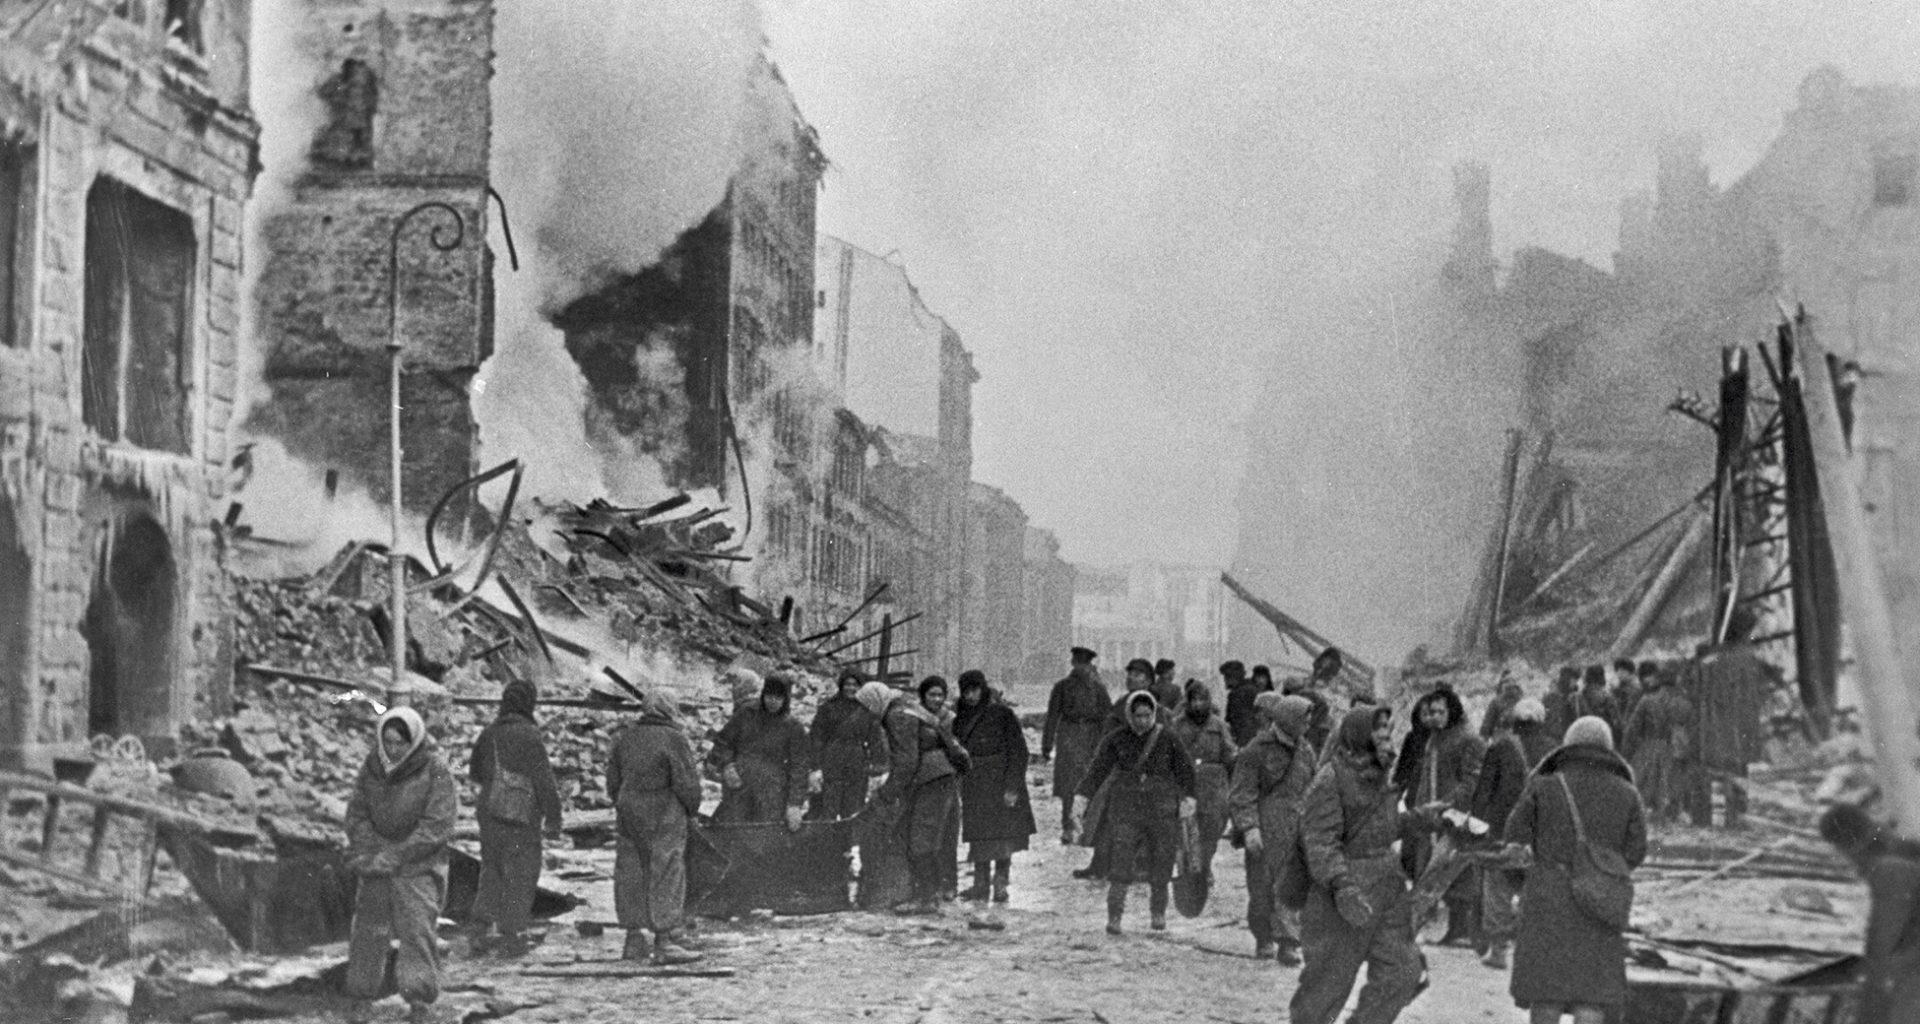 Ход событий от начала захвата Ленинграда до полного освобождения города